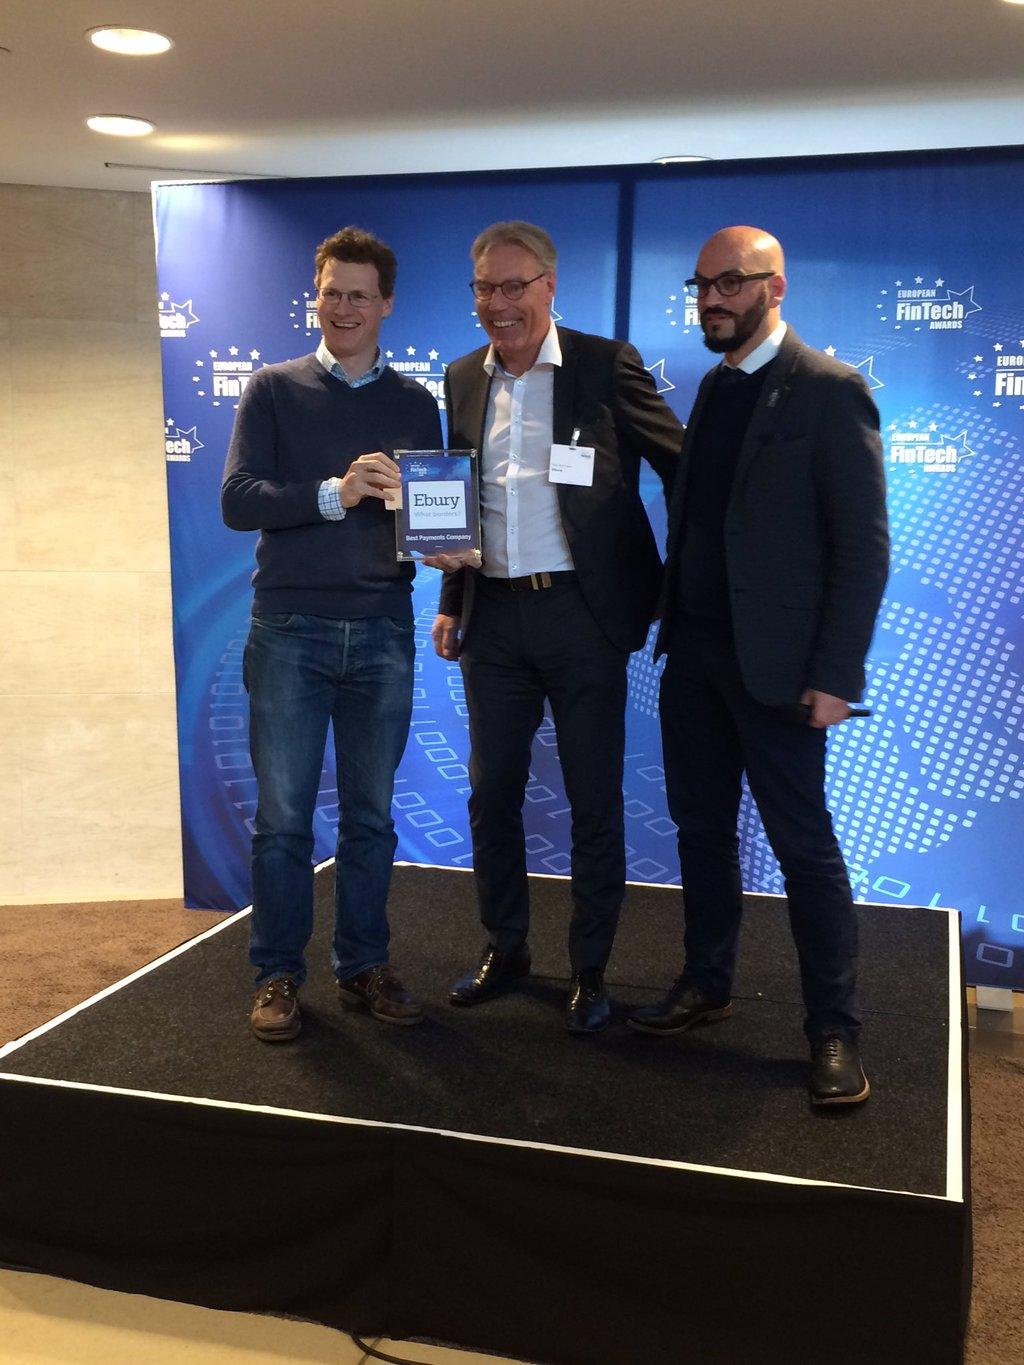 EU FinTech Awards Winner Toby-Rob